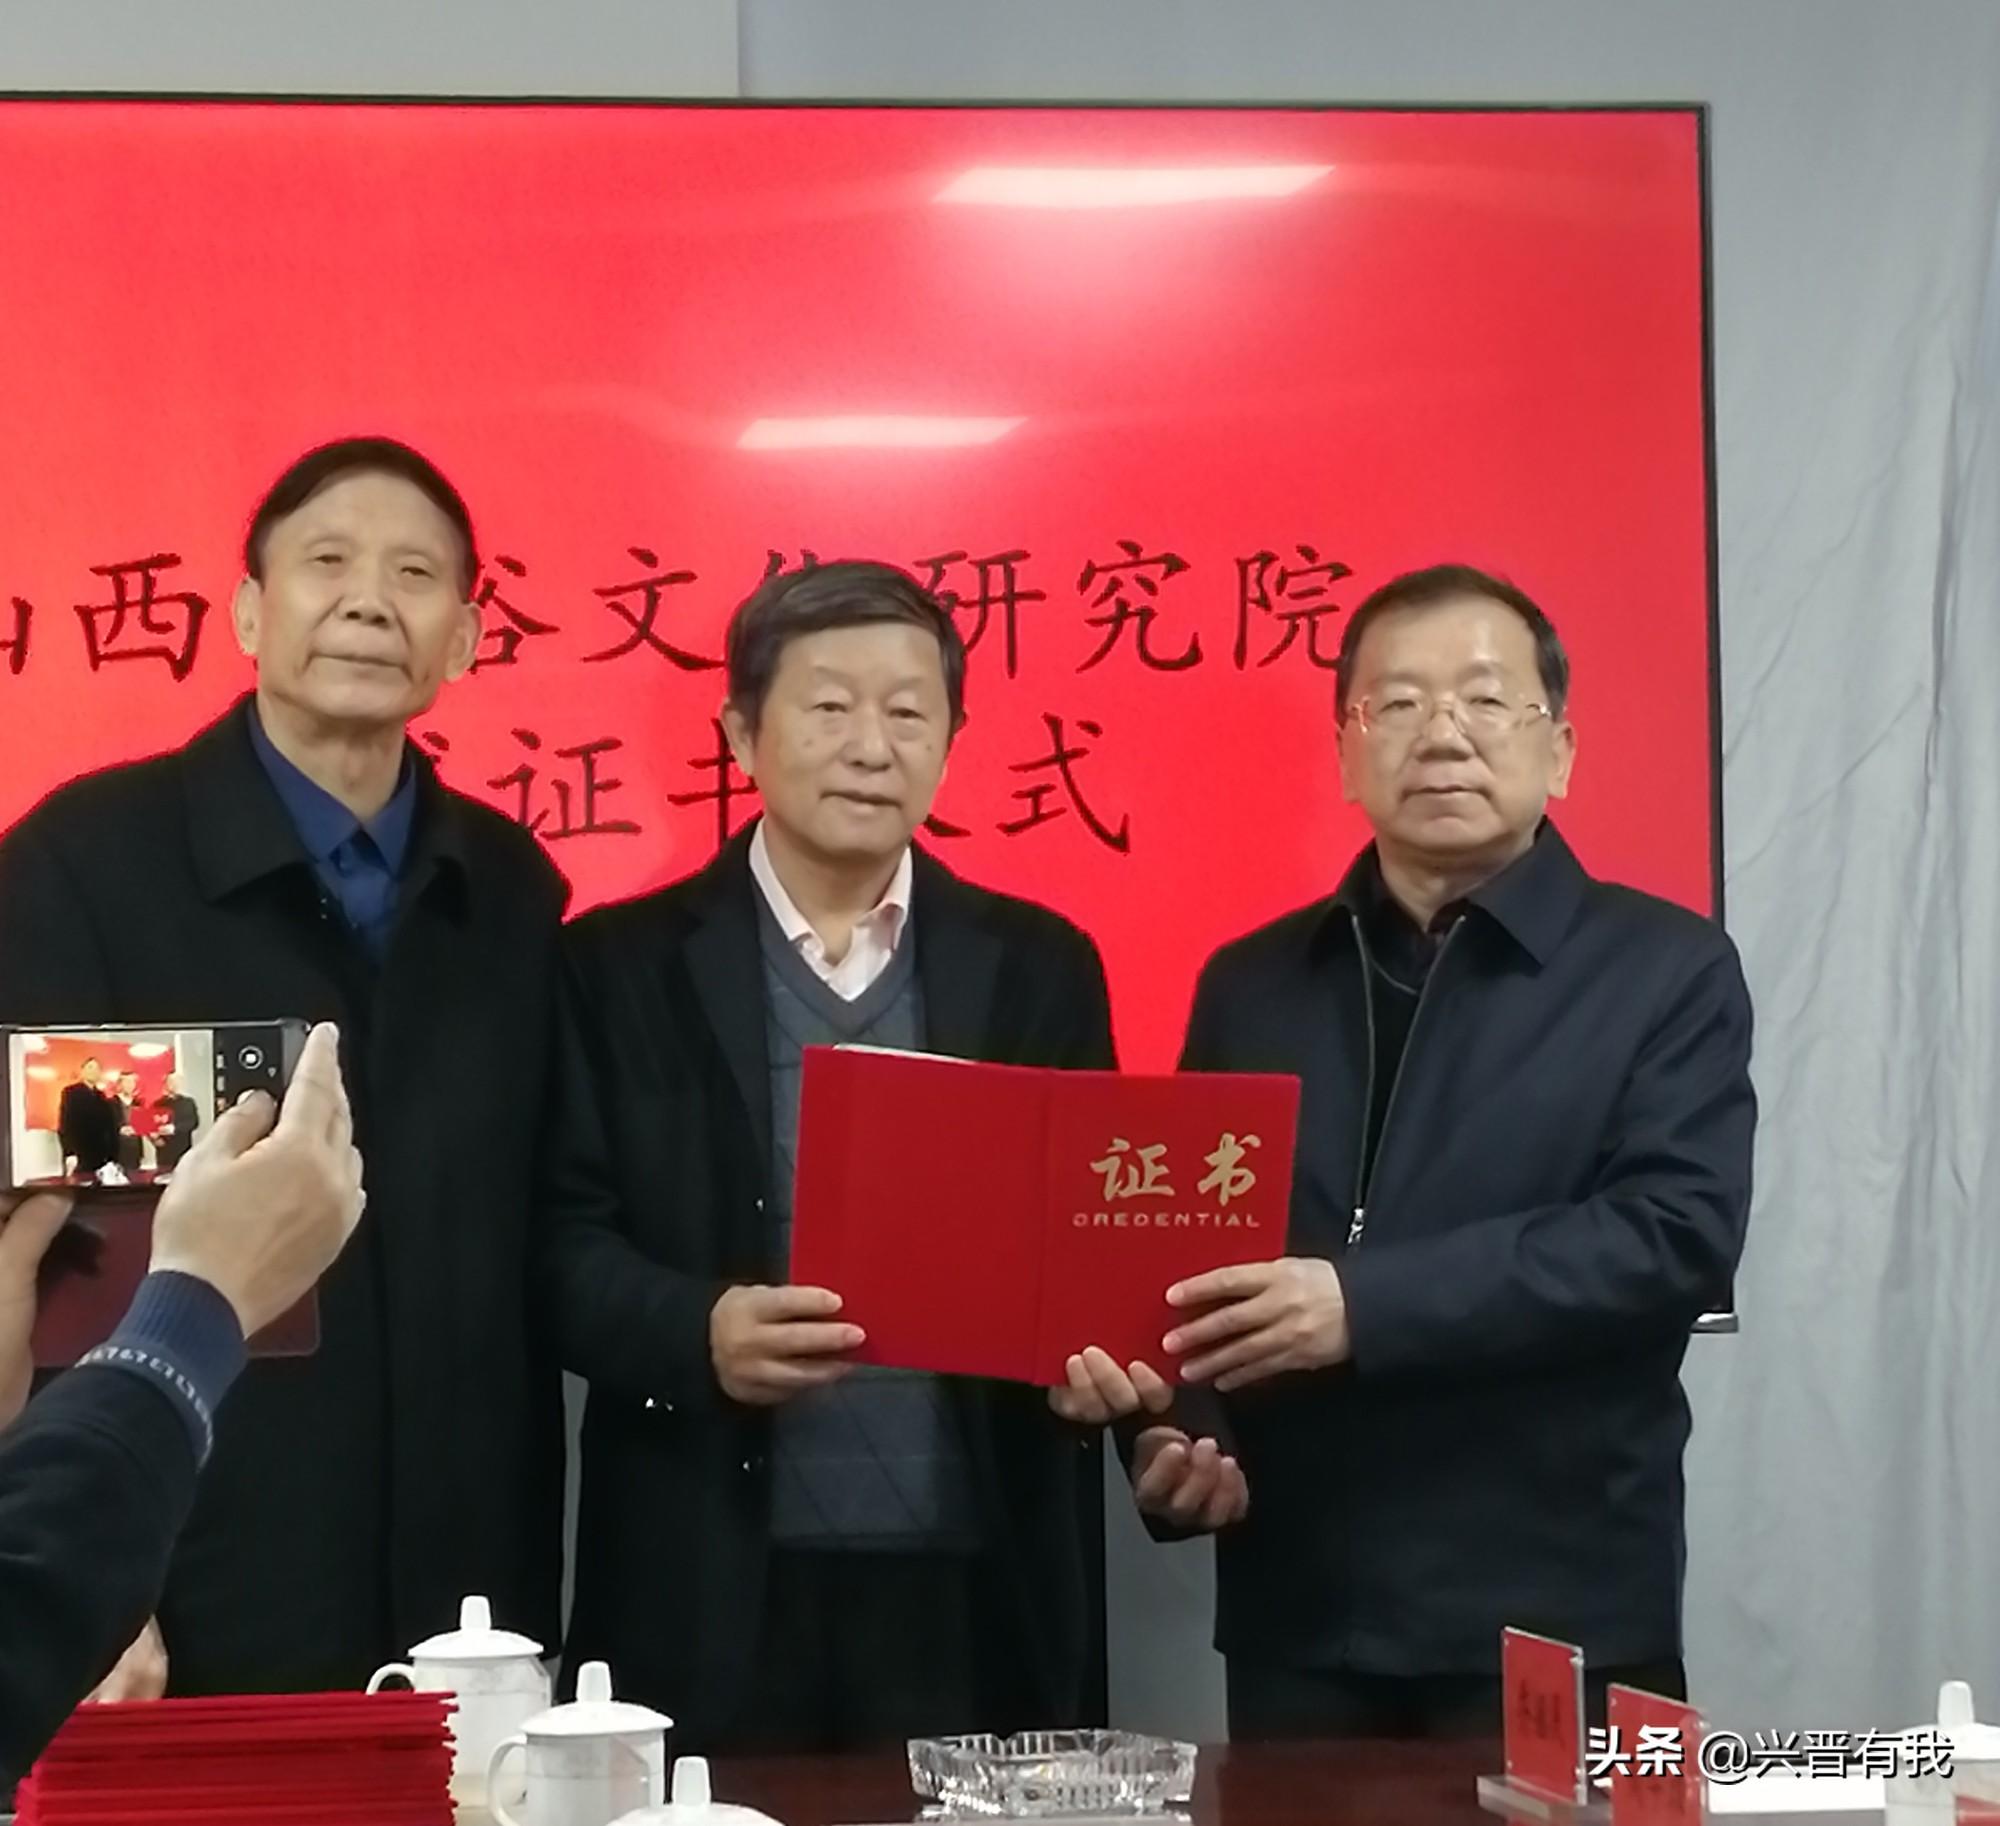 助力山西经济社会发展——三晋文化研究会山西民俗文化研究院成立